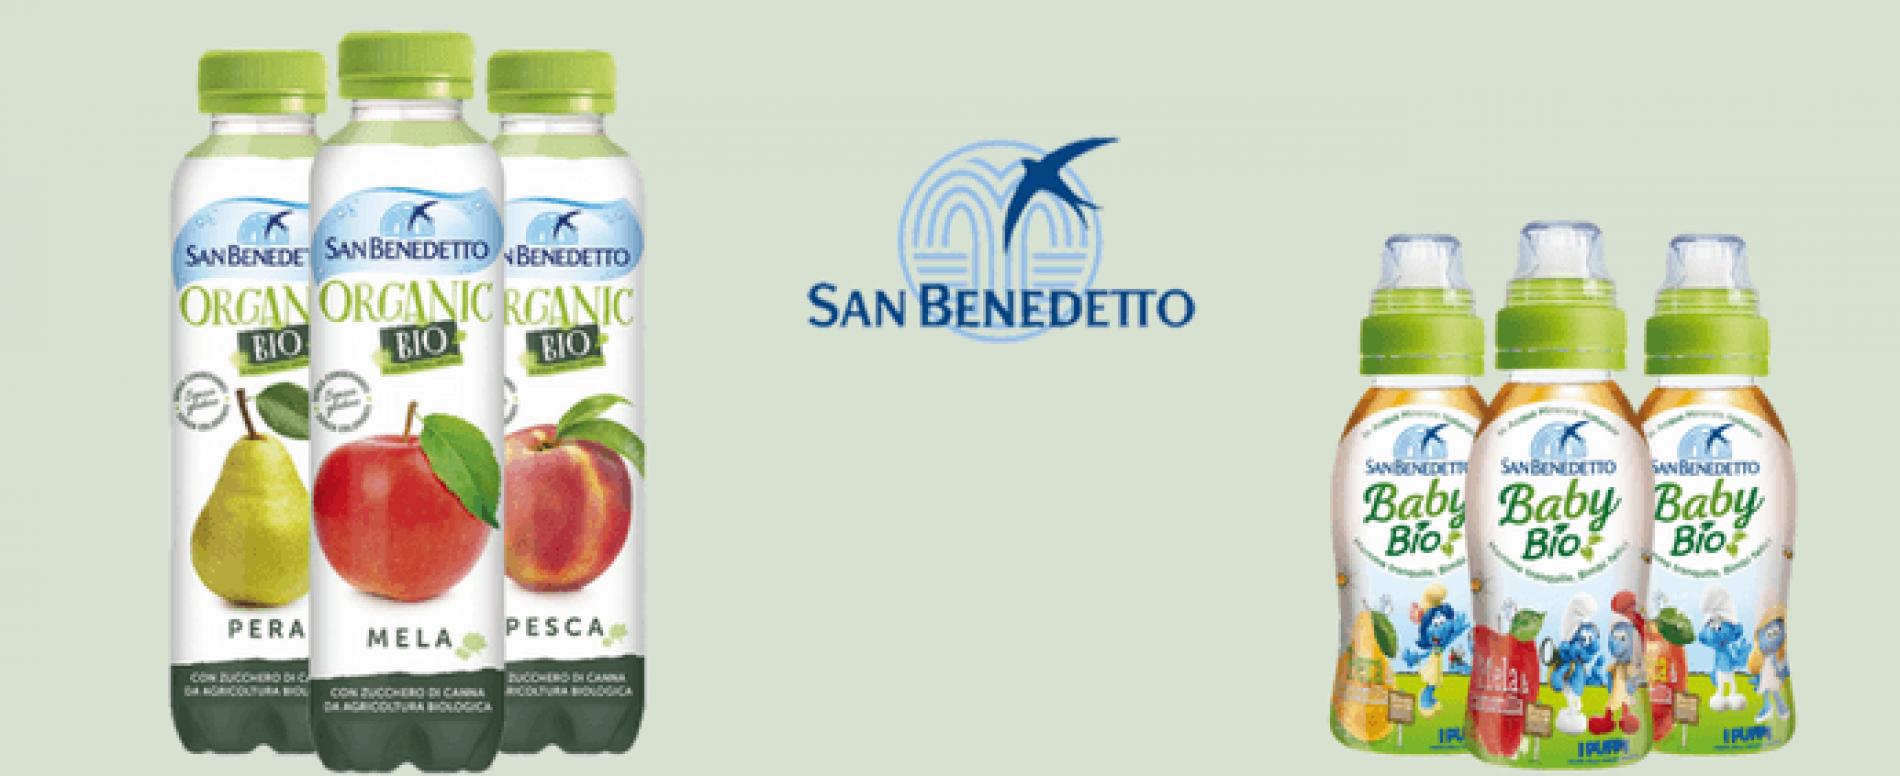 San Benedetto presenta la nuova gamma BIO